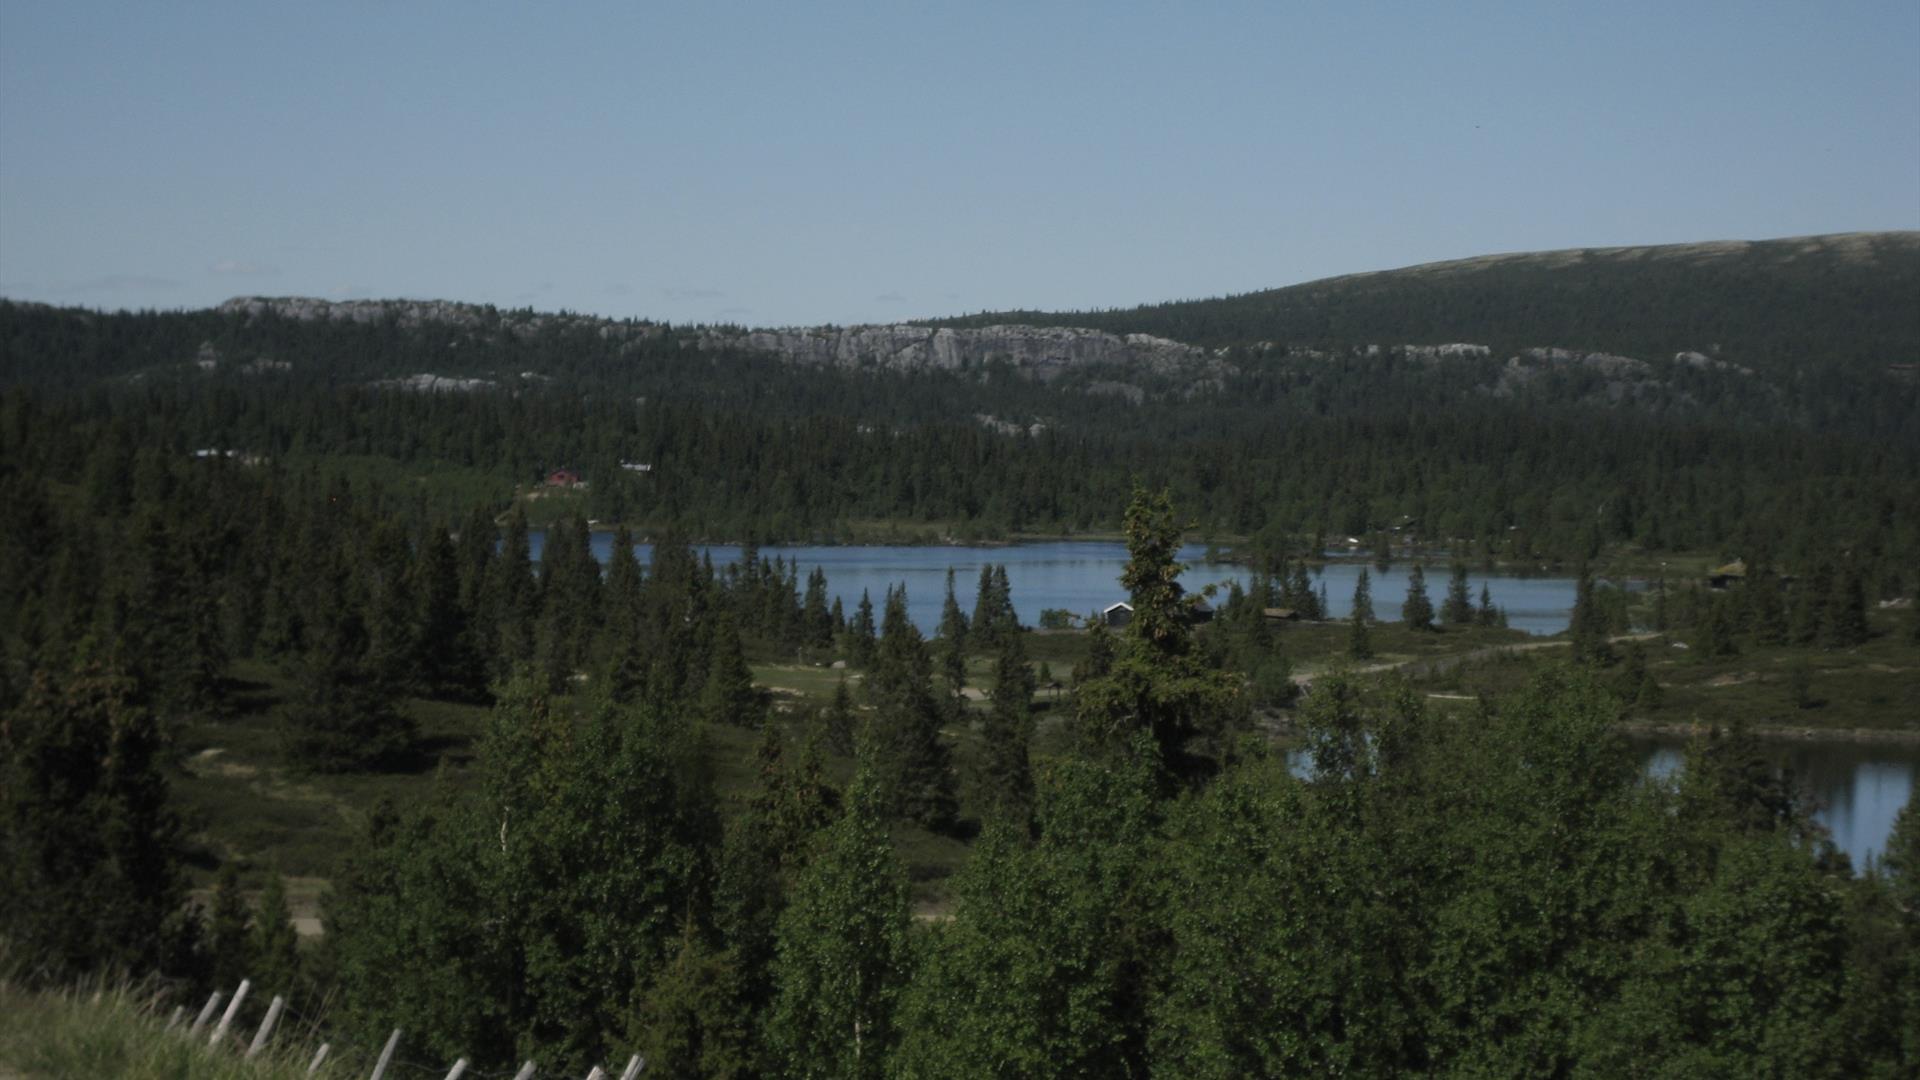 Blick über einen Bergsee